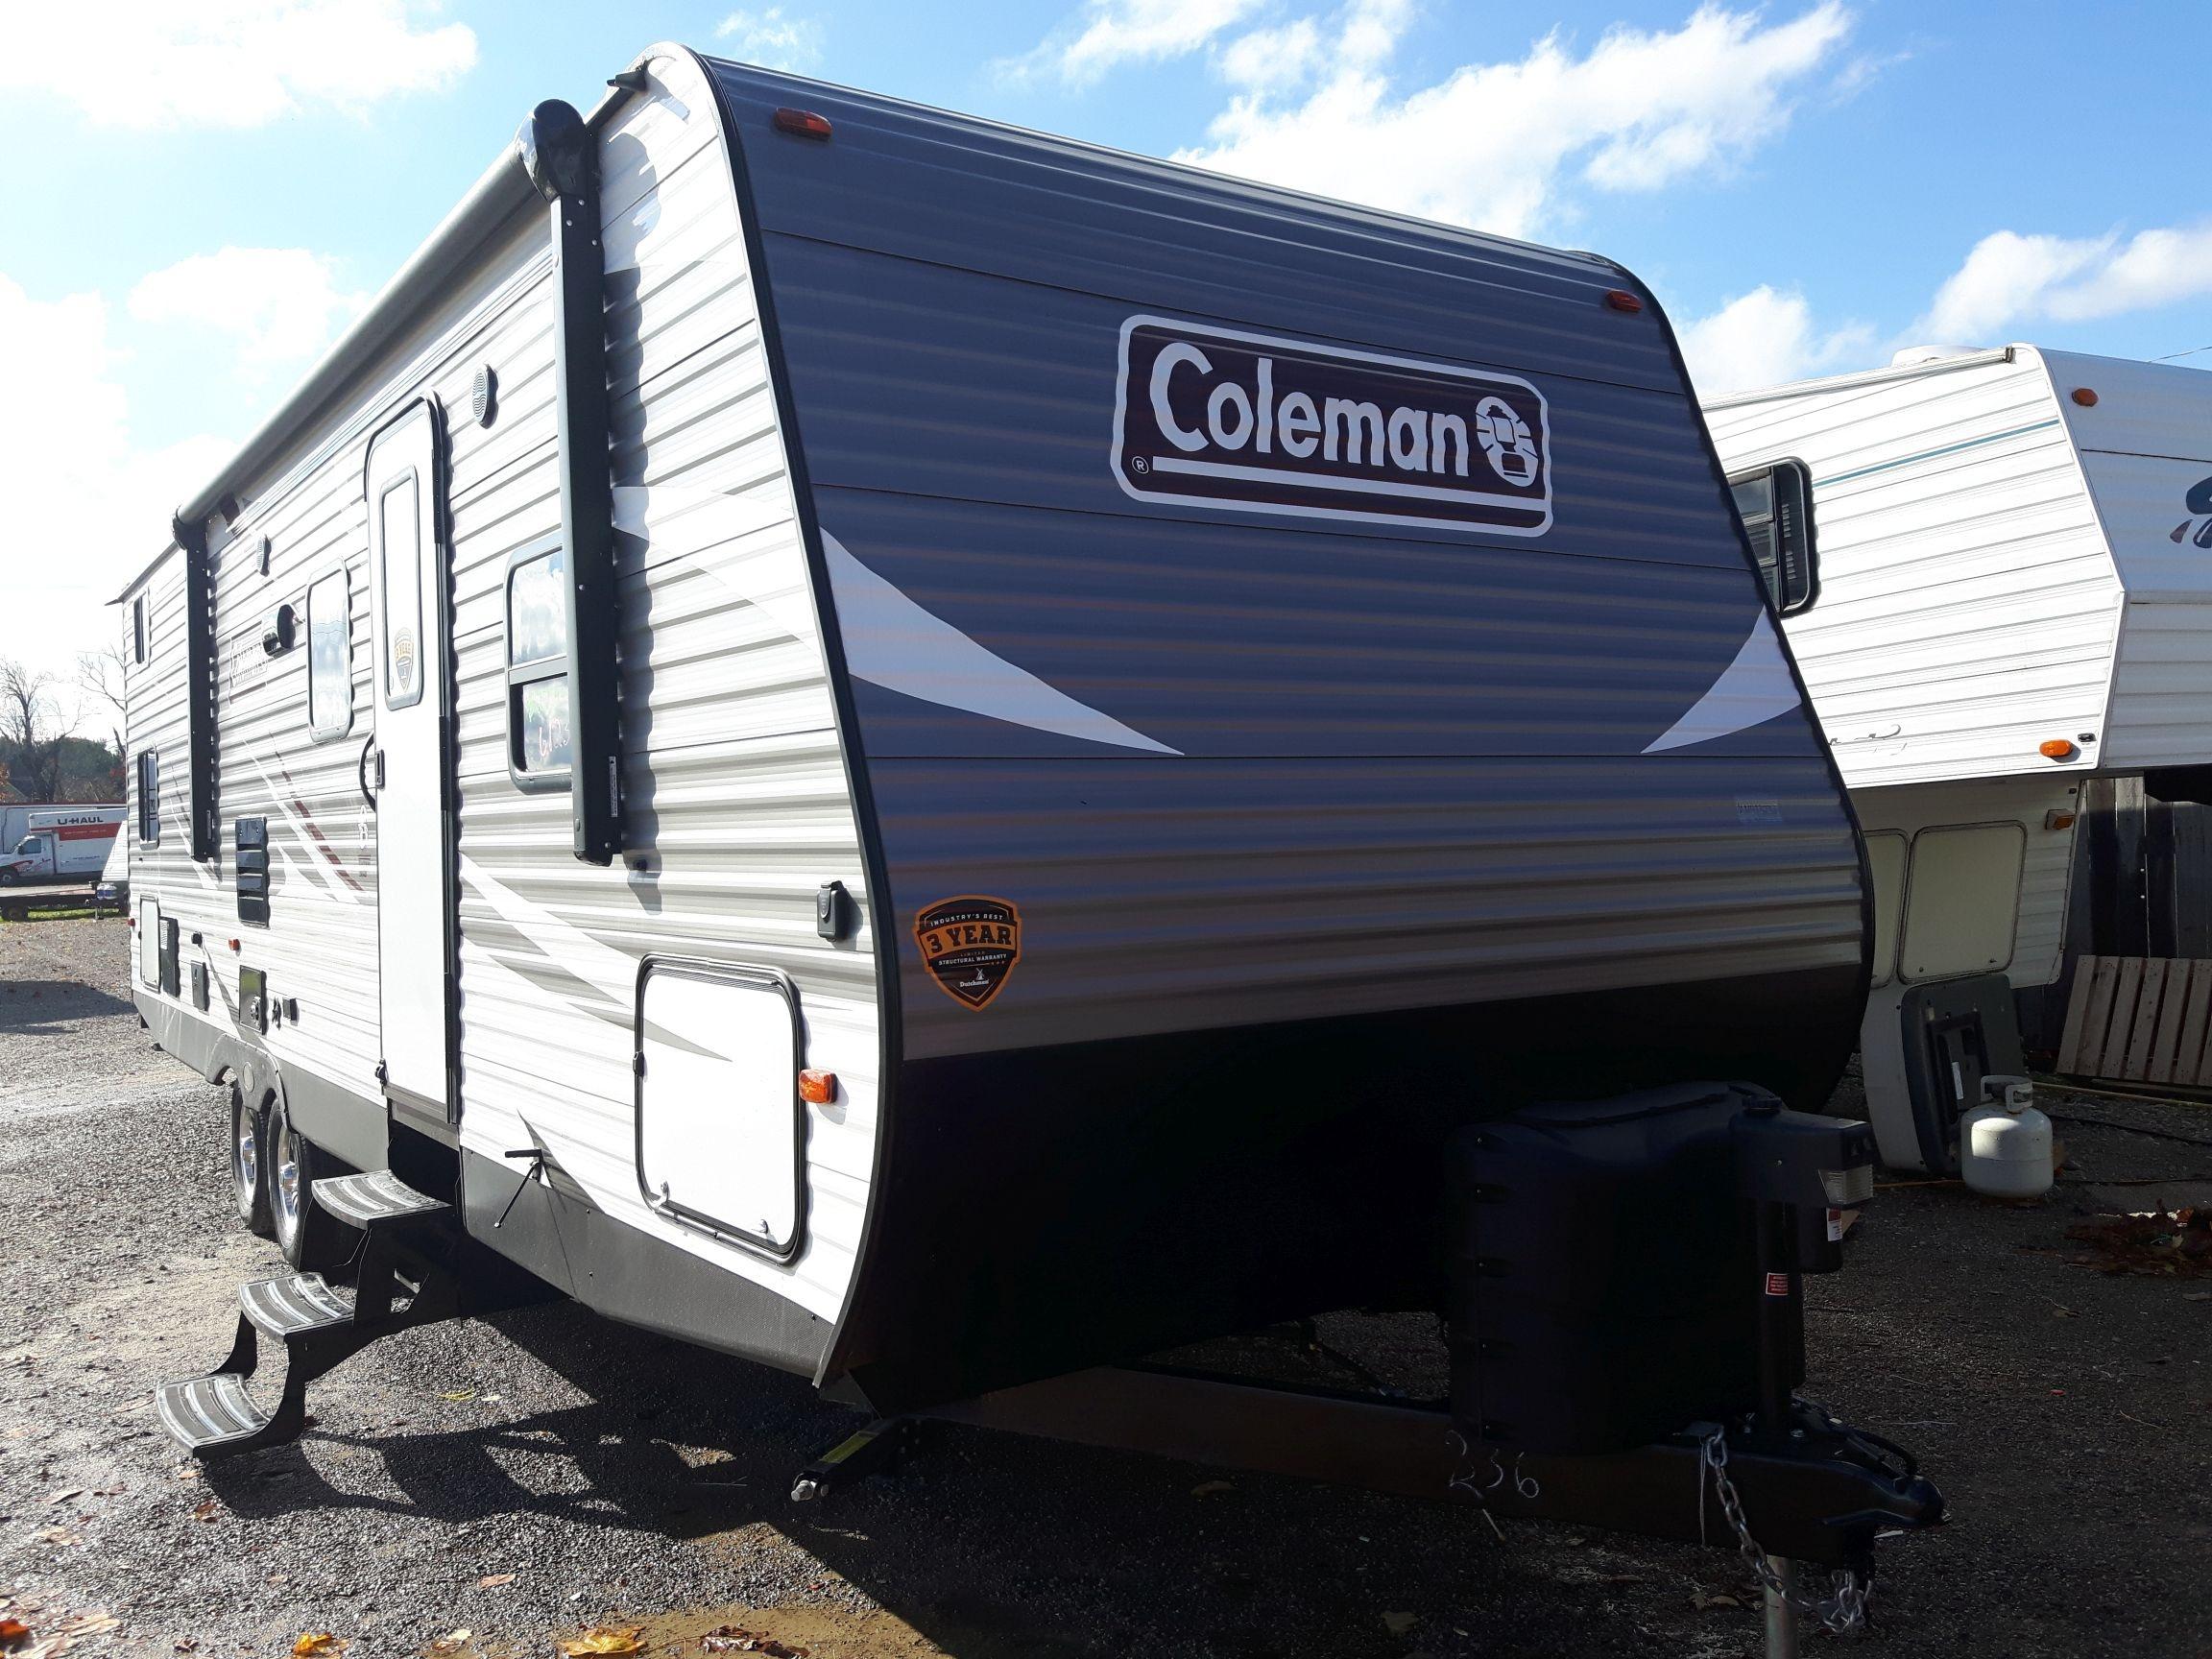 Coleman Lantern travel trailer